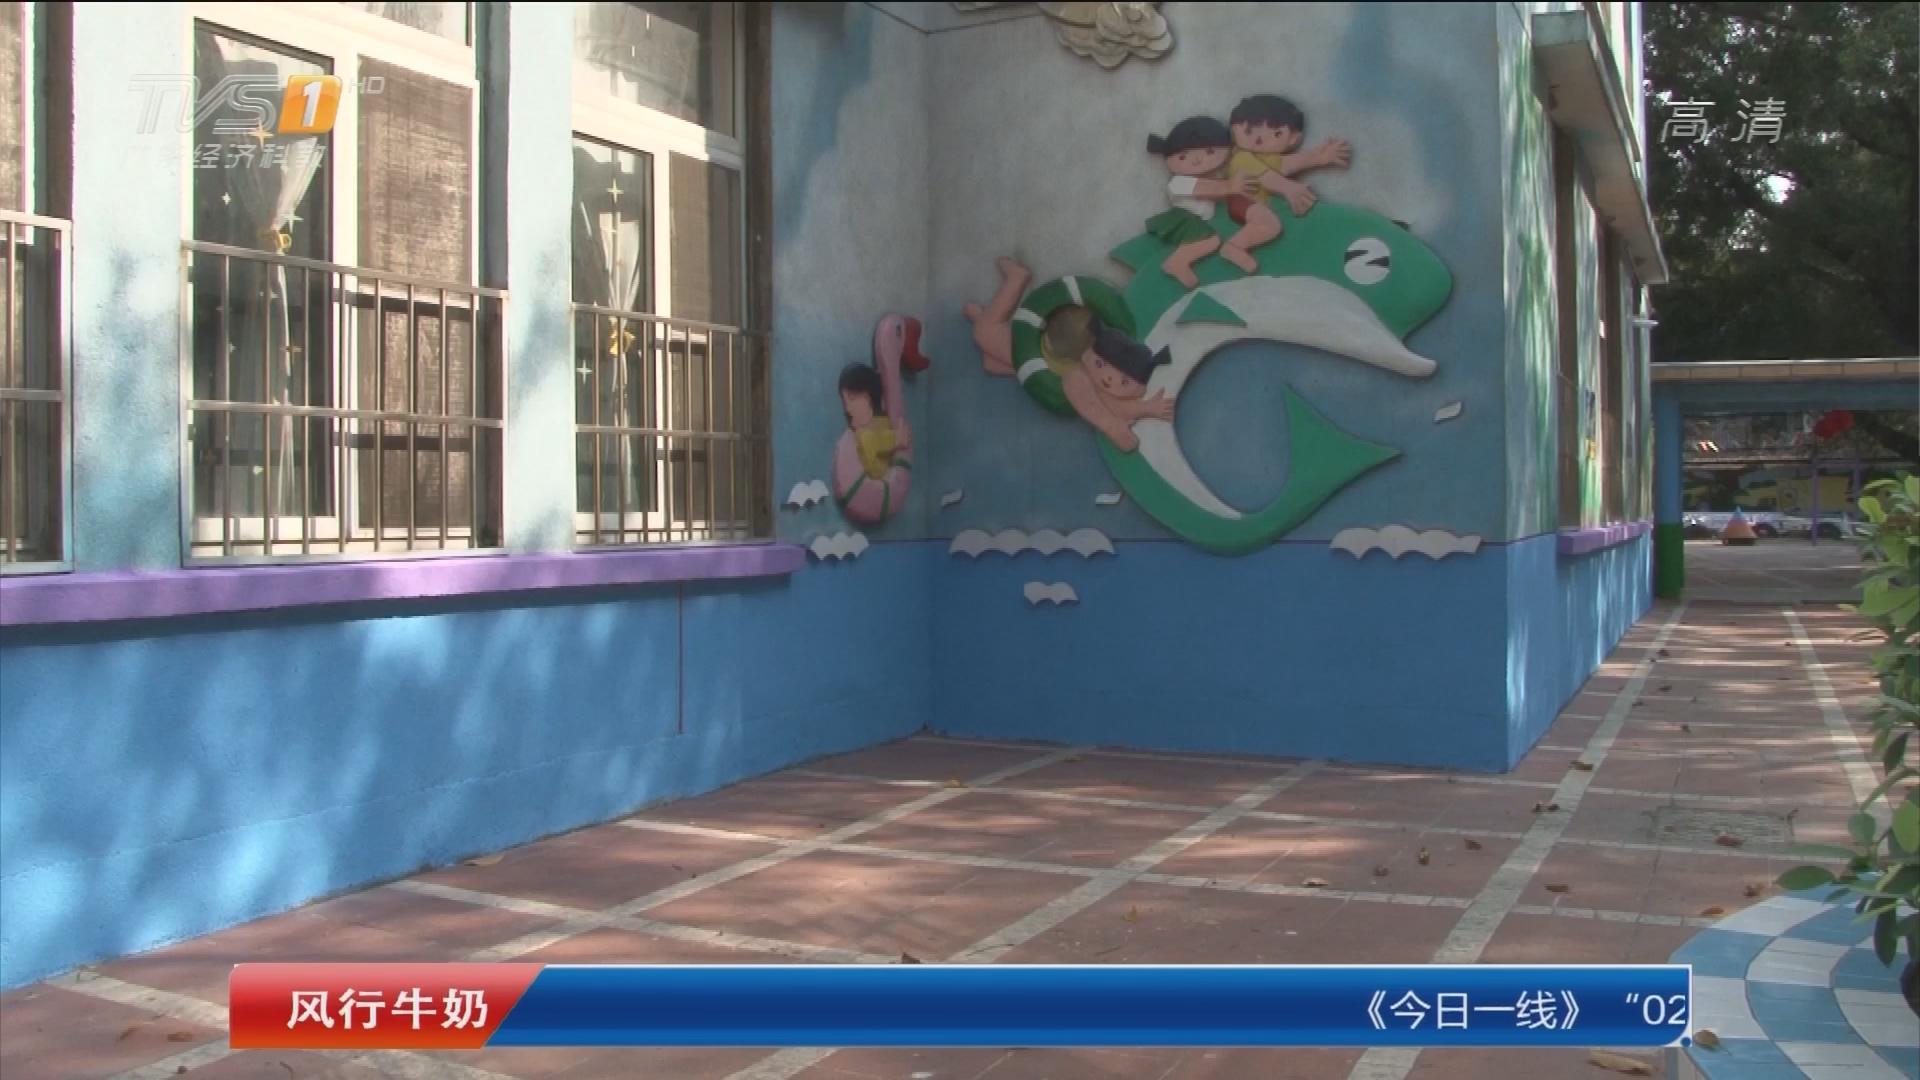 广州:周末刷漆周一上课 家长担忧小孩健康